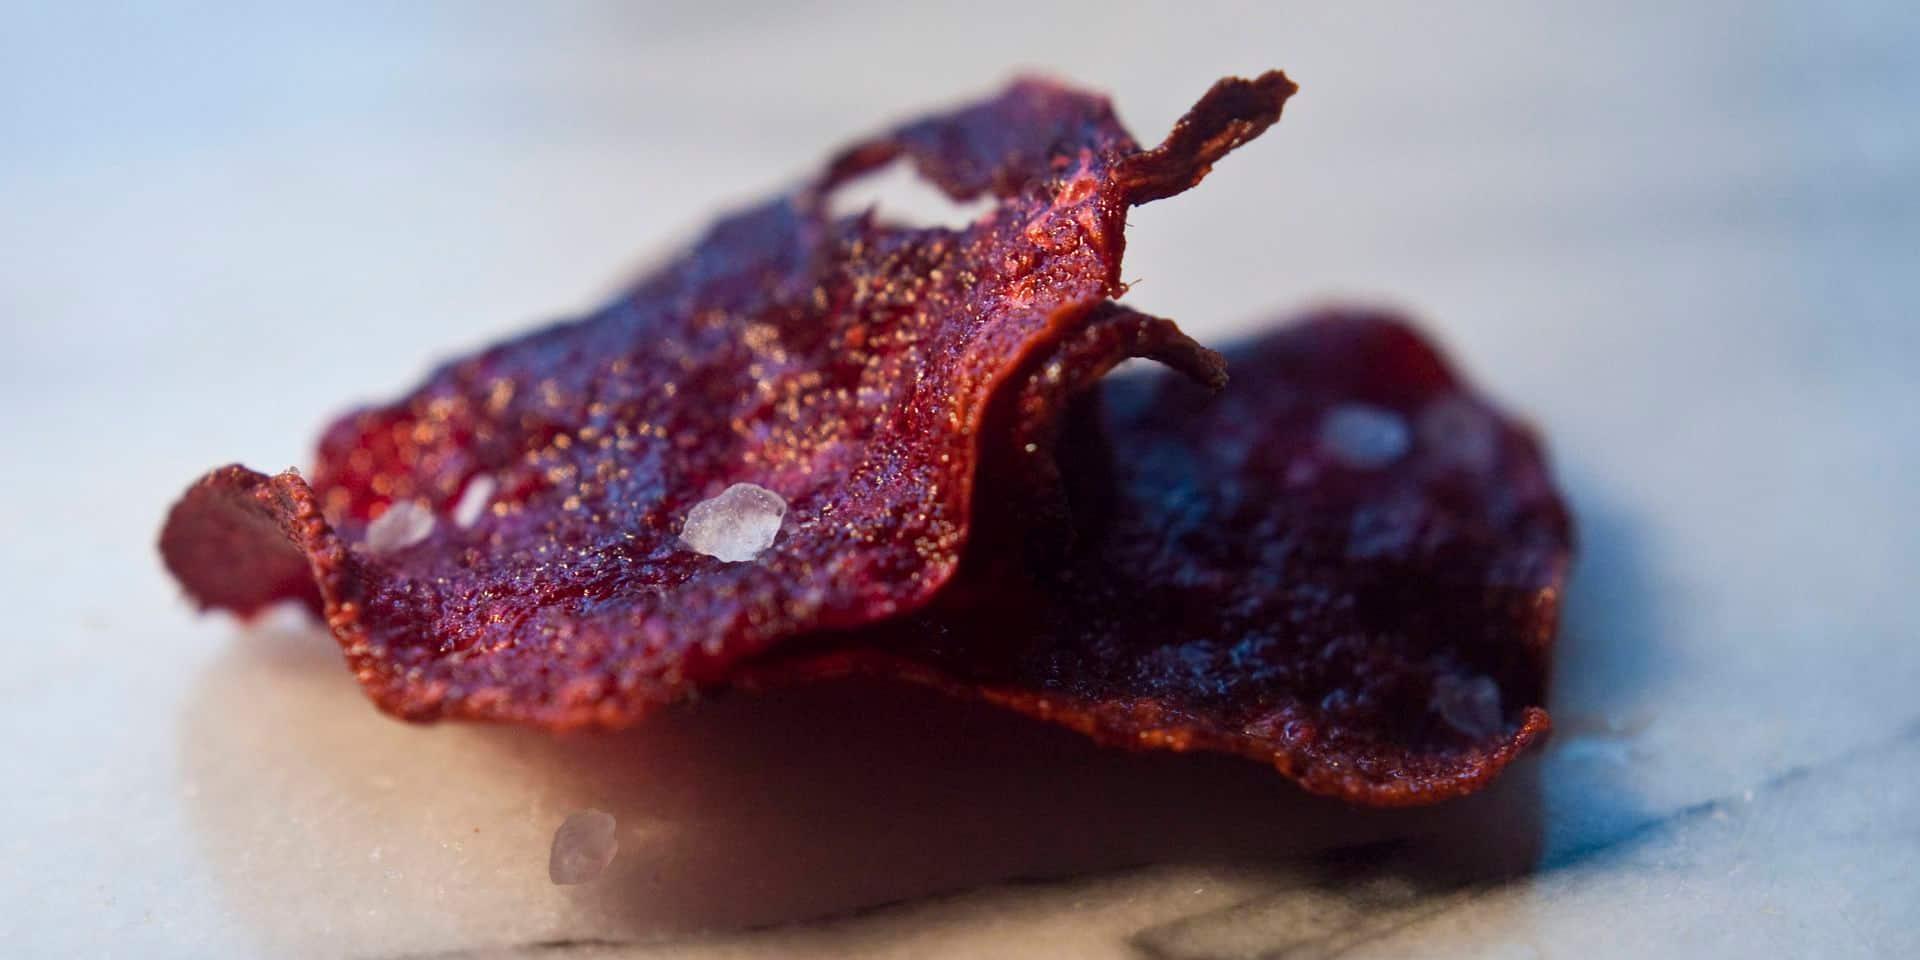 Les chips de légumes pires que les chips classiques